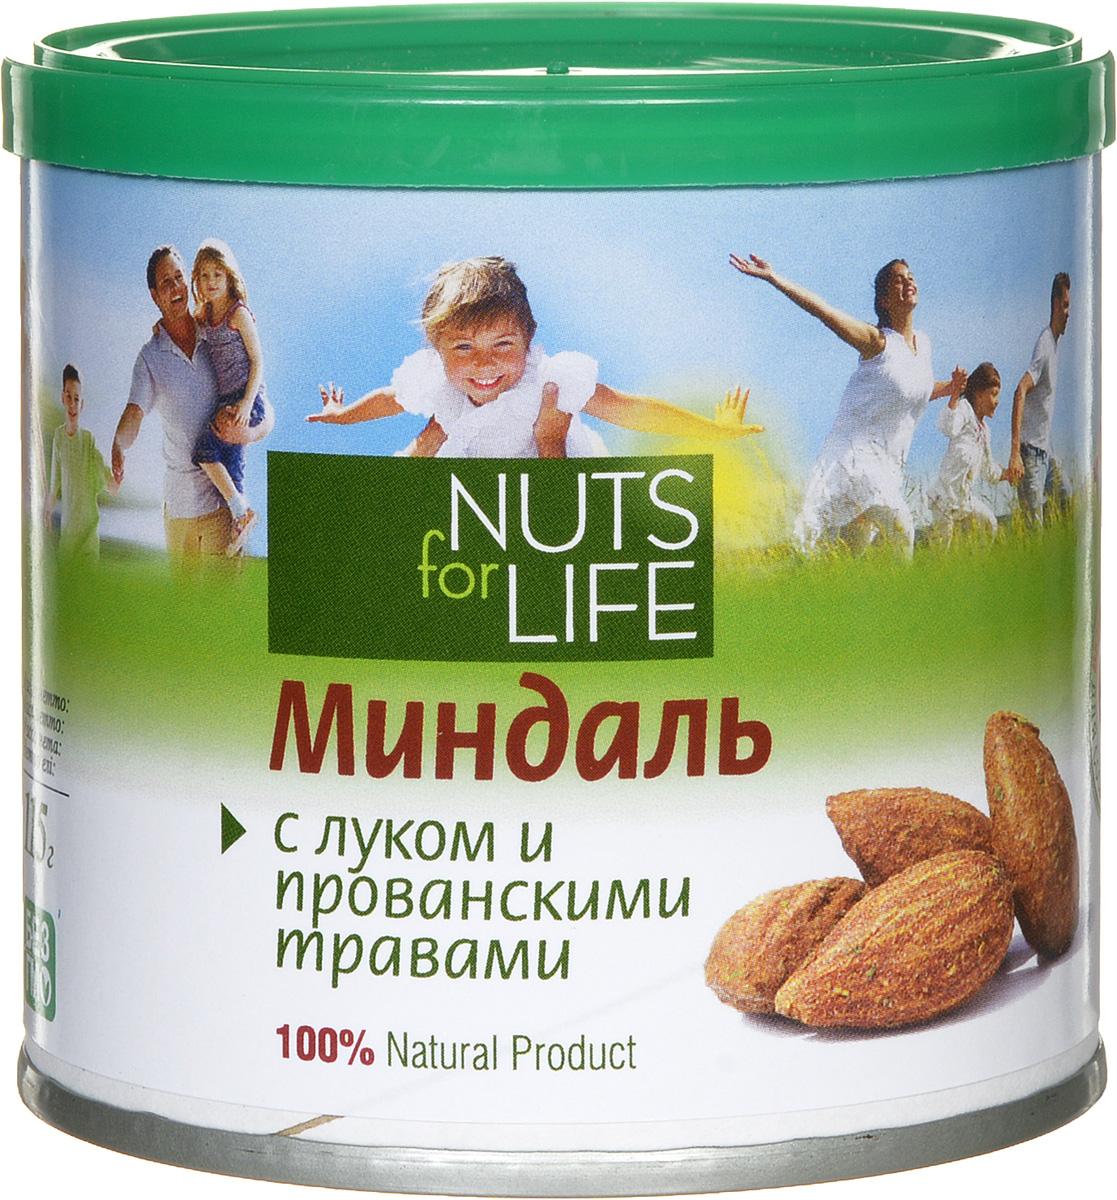 Nuts for Life Миндаль обжаренный соленый с луком и прованскими травами, 115 г